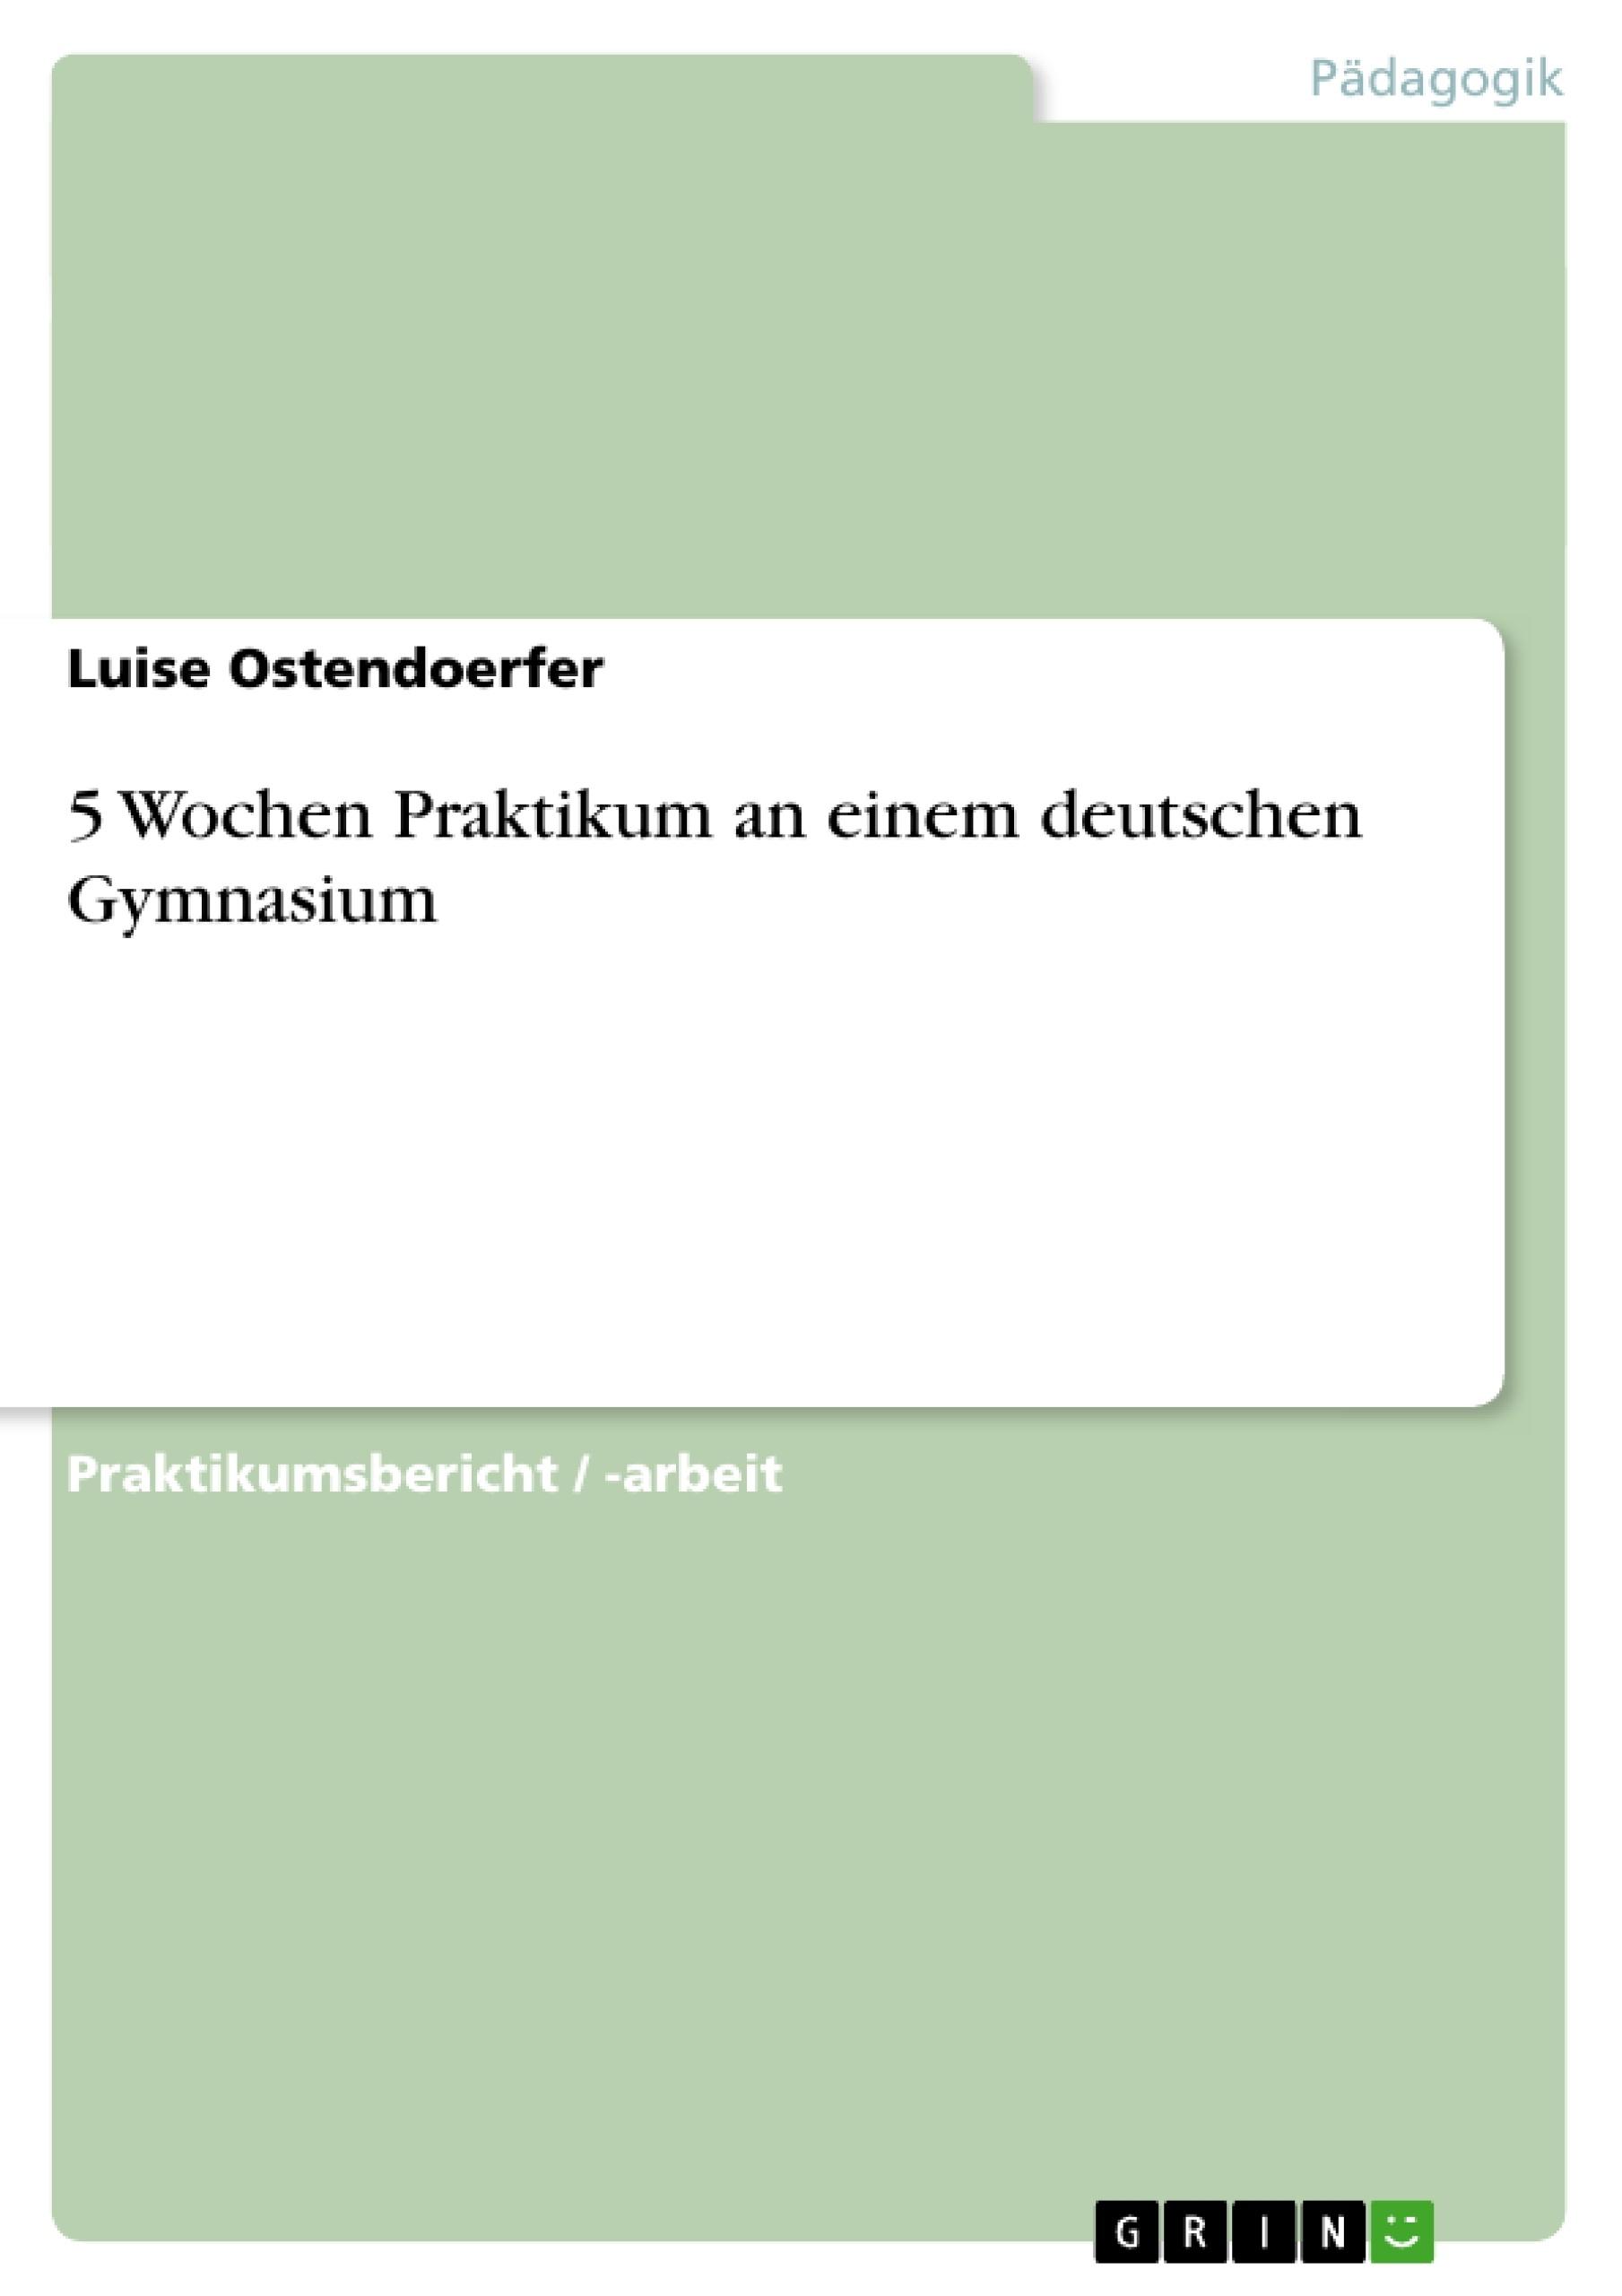 Titel: 5 Wochen Praktikum an einem deutschen Gymnasium